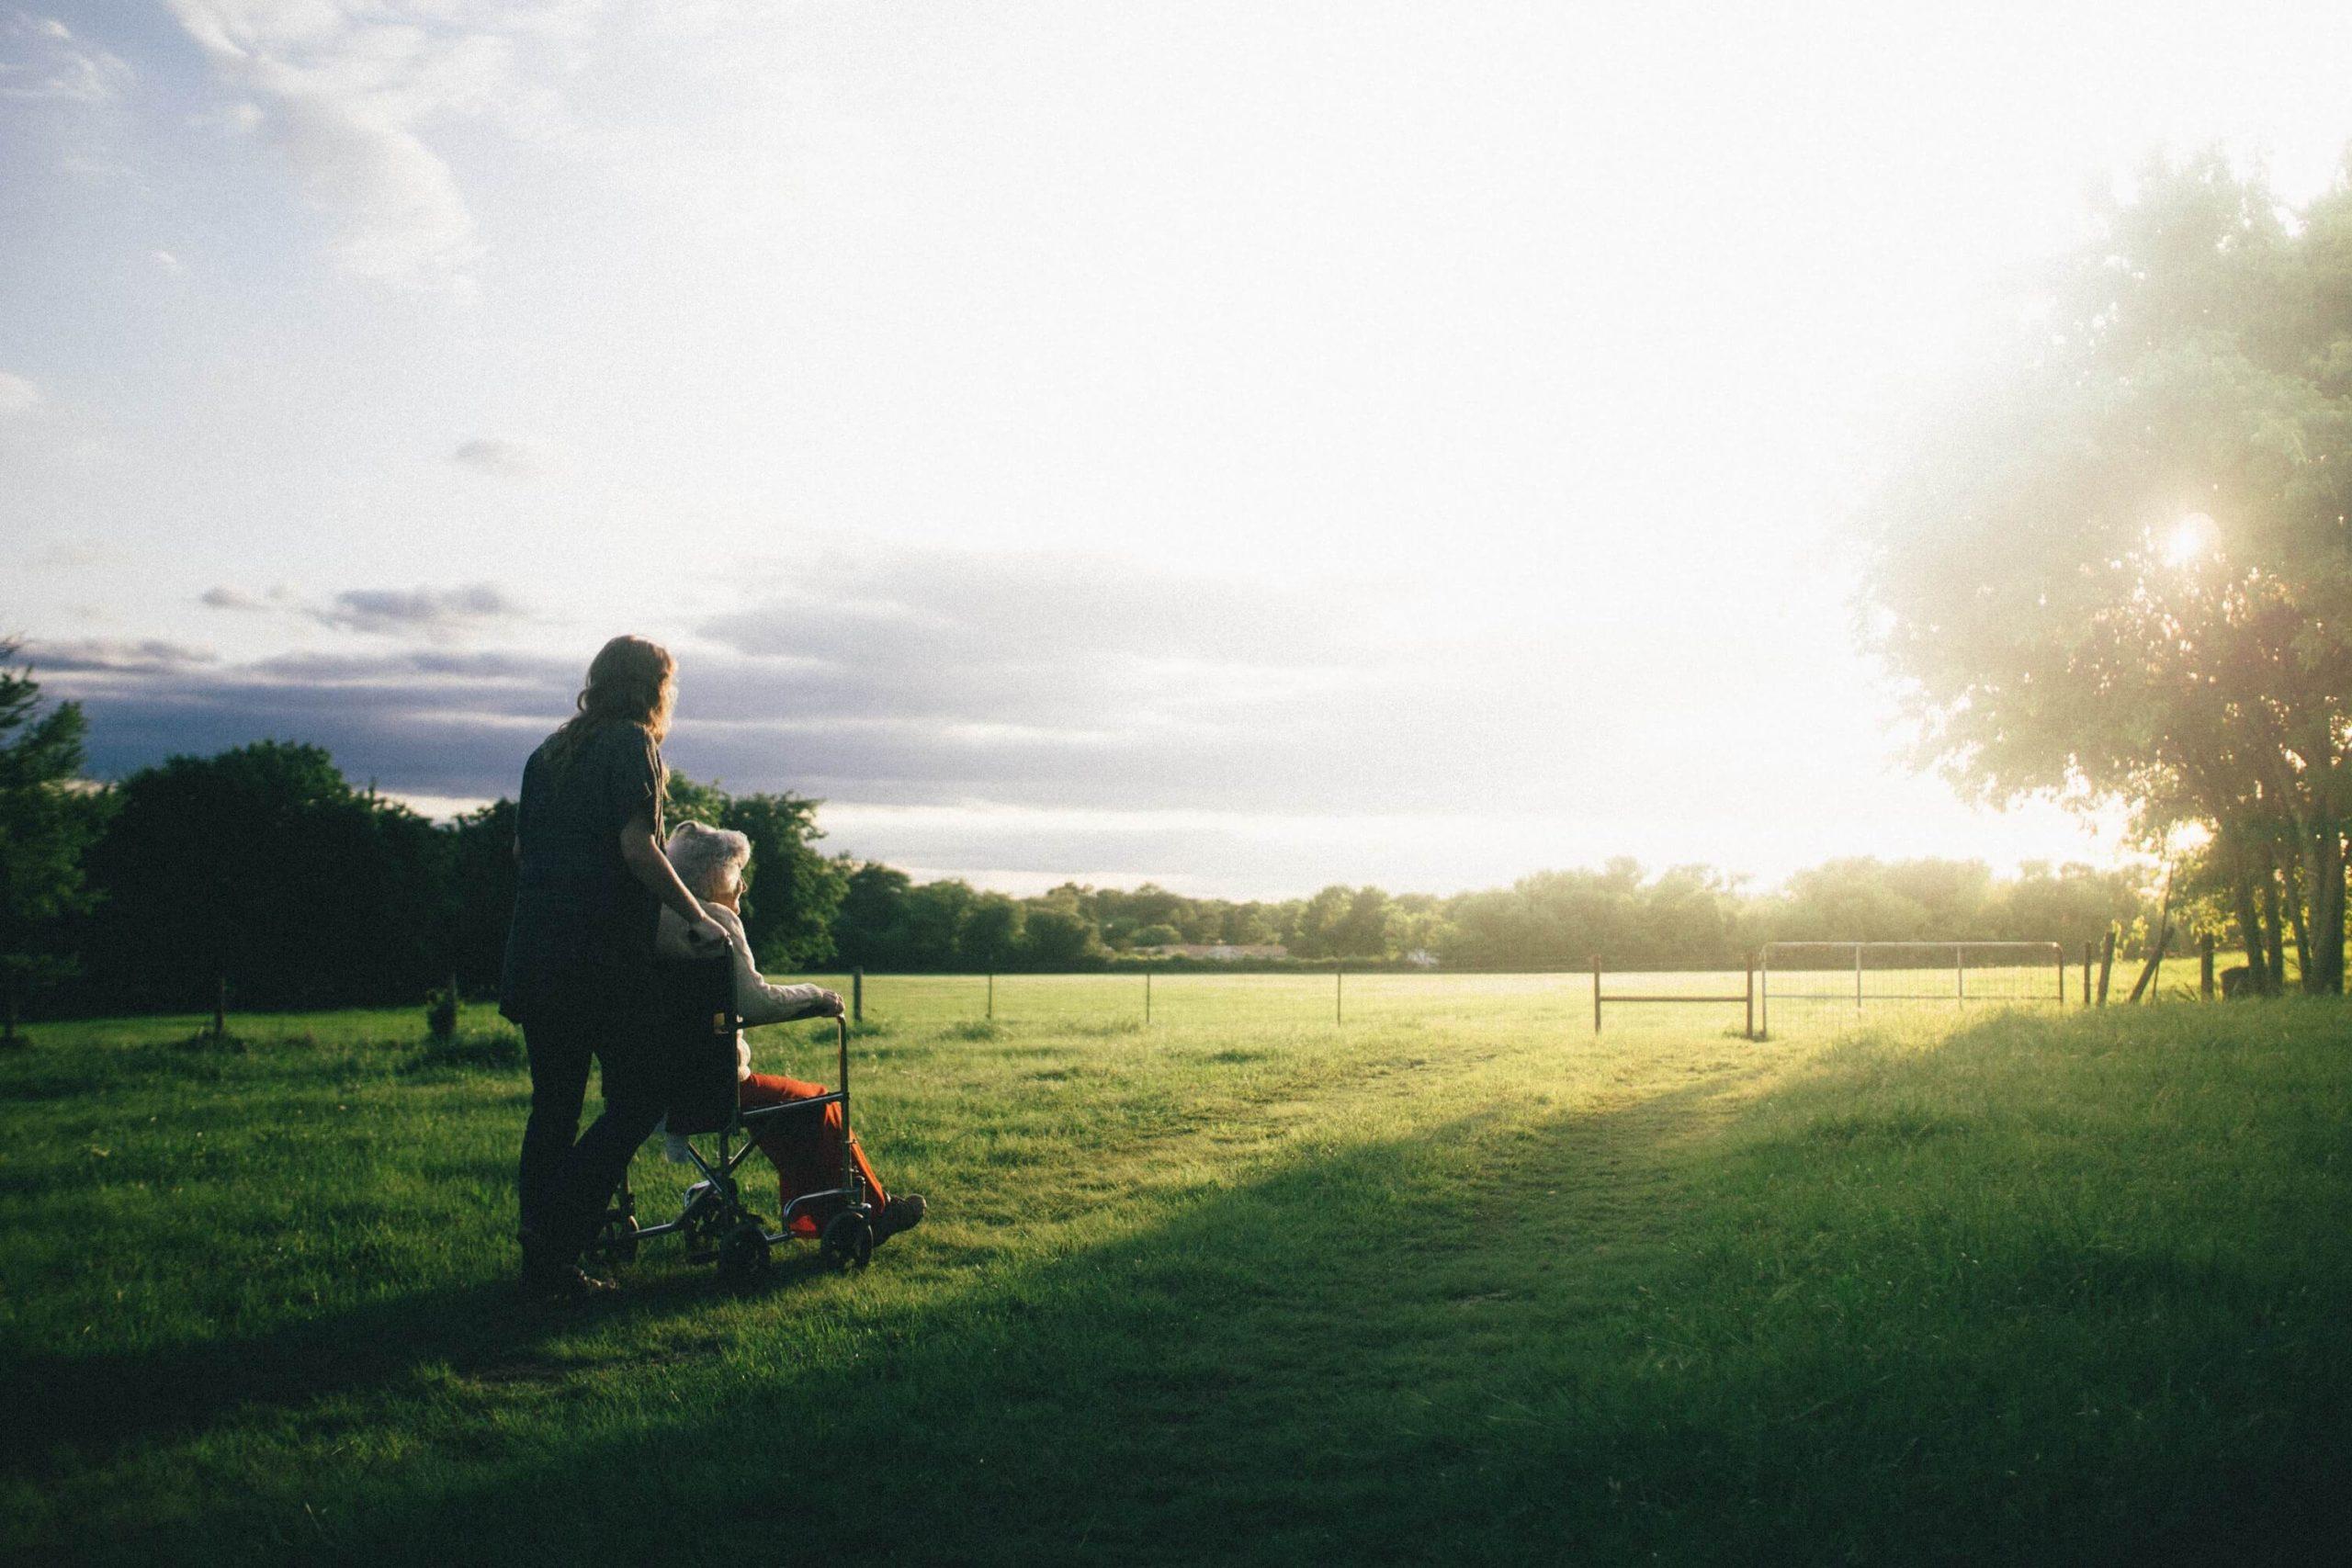 車椅子と介護者の夕日